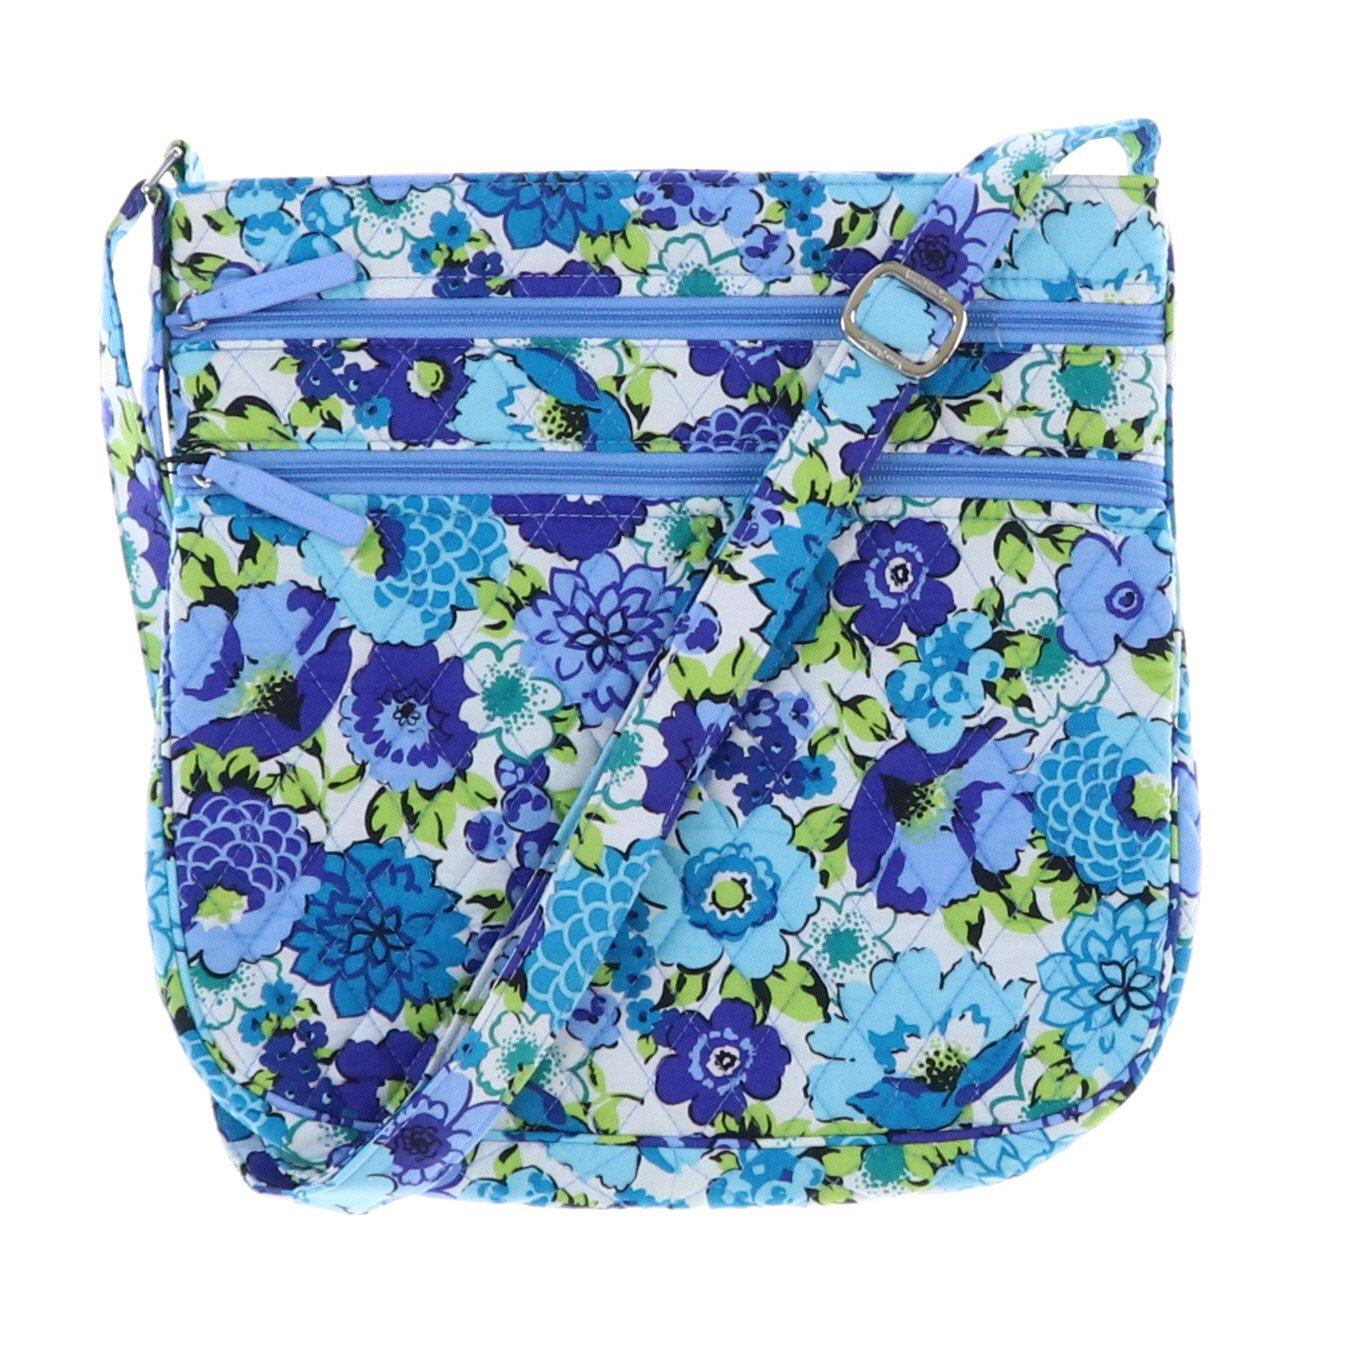 【超特価SALE開催!】 Vera Bradley Interior レディース B0795YY29D Blueberry Blue Blooms With Vera Blue Interior Blueberry Blooms With Blue Interior, ソニー特約店 サウンドイレブン:960a1cfe --- egreensolutions.ca